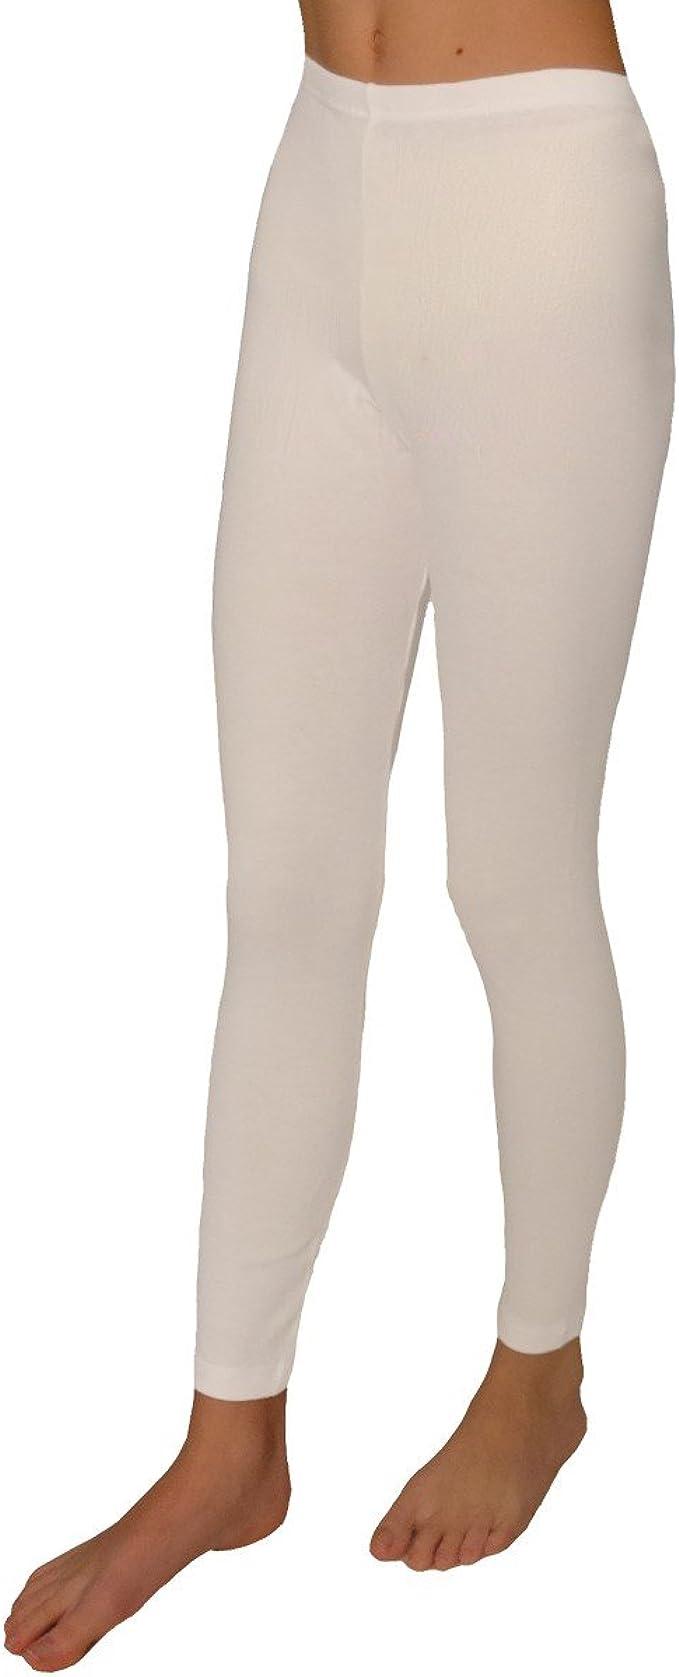 HERMKO 2720 Leggings para Chicos y Chicas, 100% algodón ...